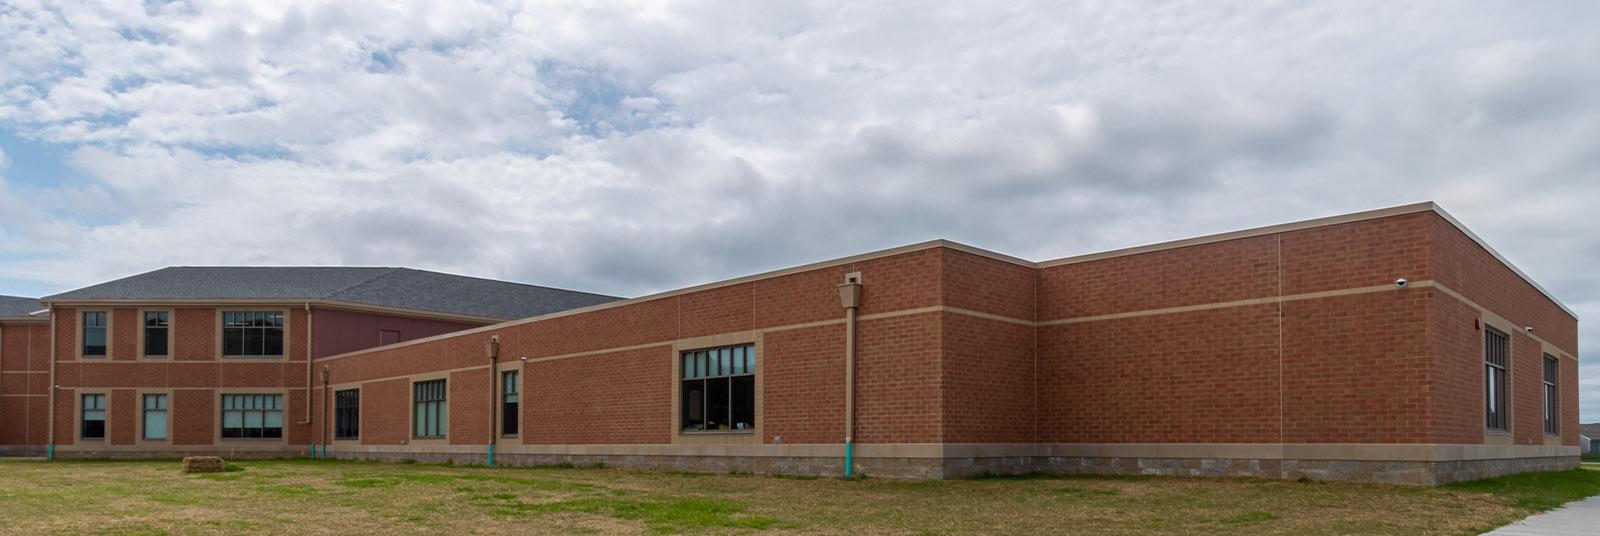 Addition to the Little Miami Intermediate School in Maineville, Ohio.